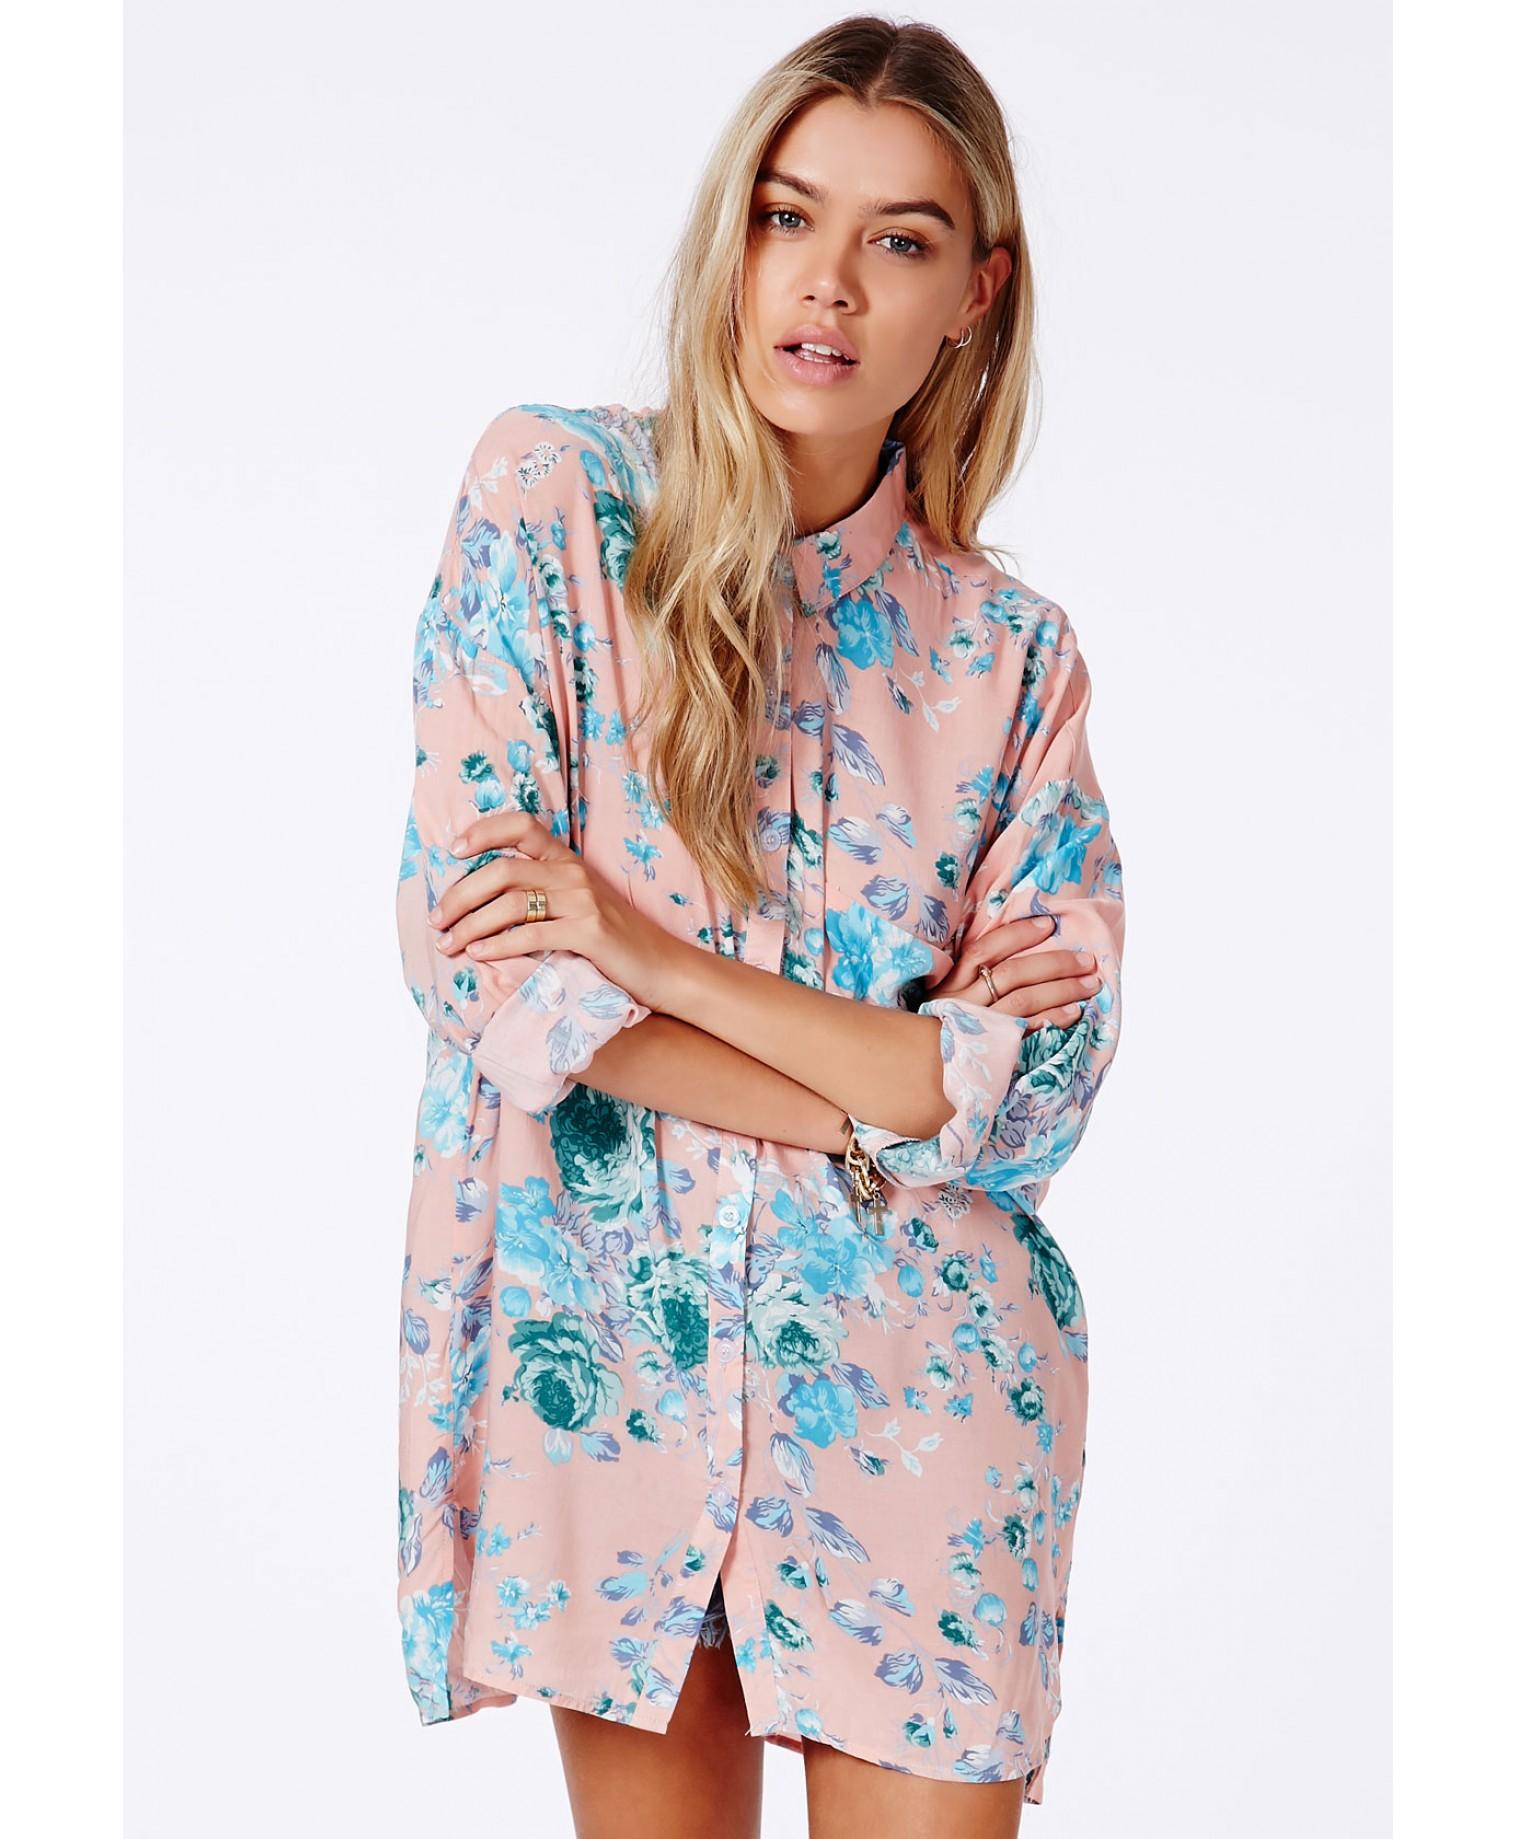 Missguided - Lydda Boyfriend Shirt In Floral Print